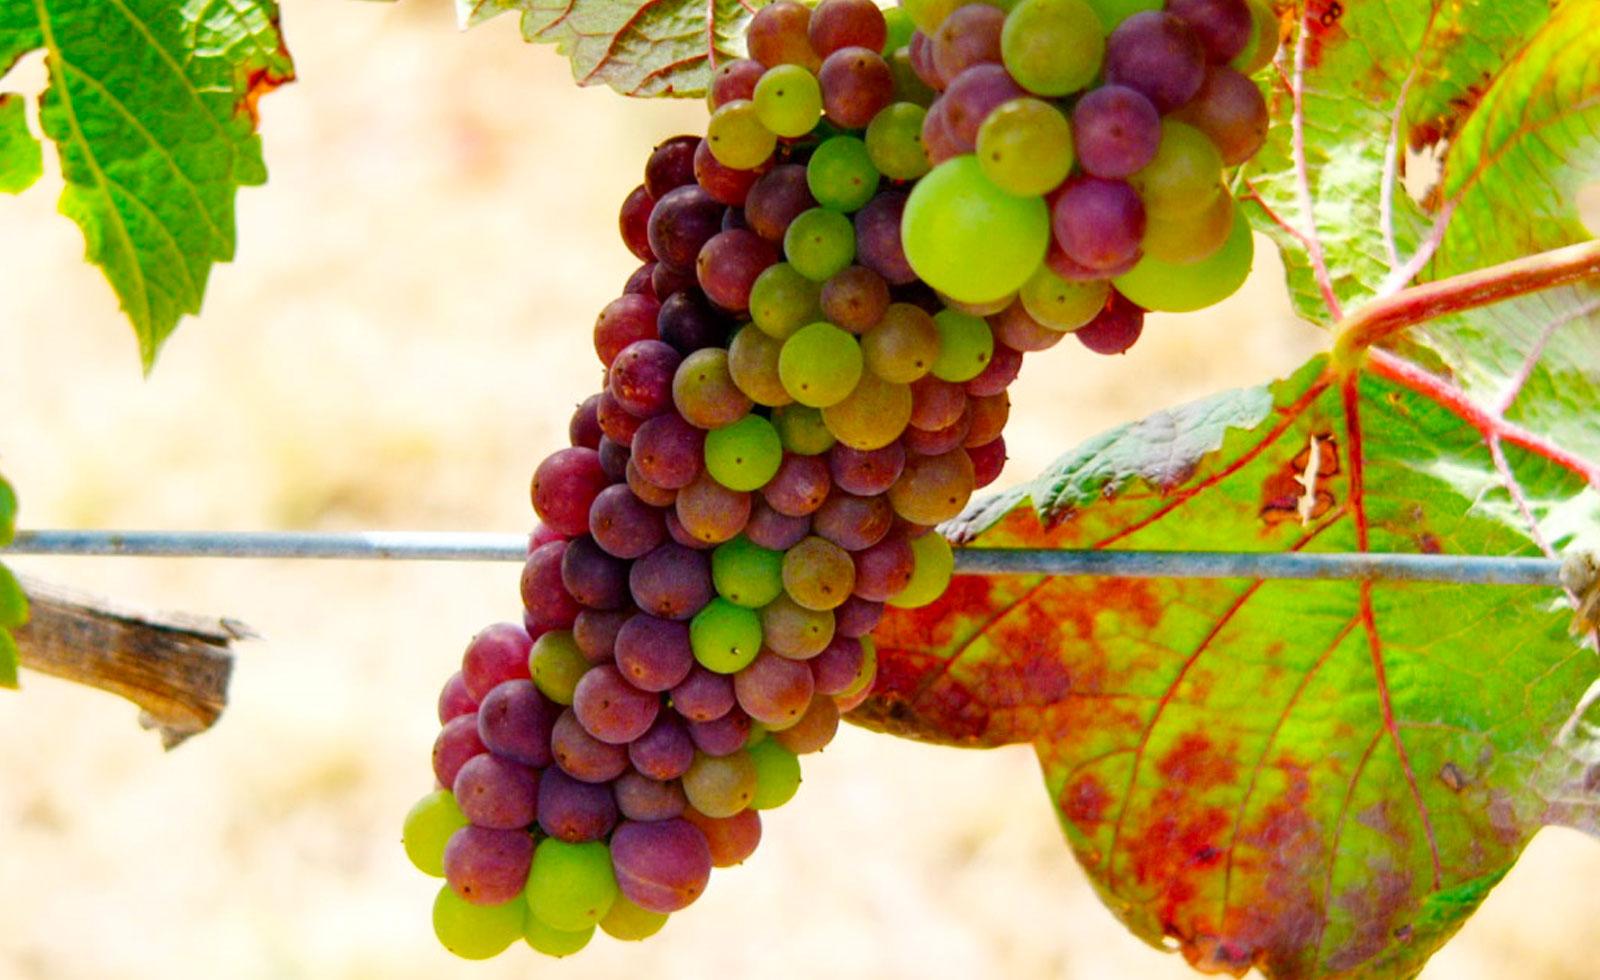 【カリフォルニアワイン初歩の初歩】ピノ・ノワールは『色気の葡萄』